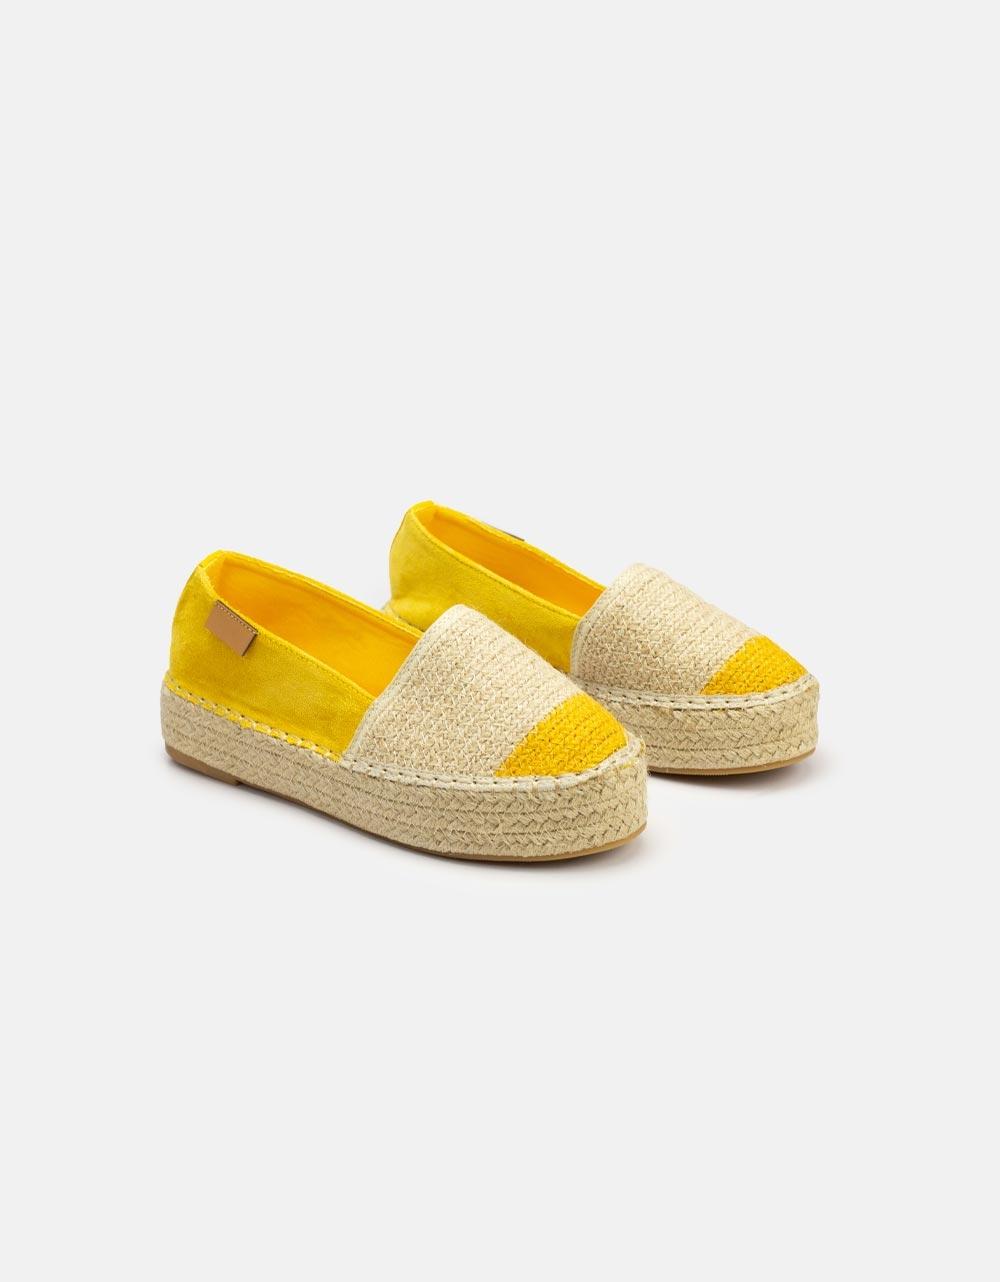 Εικόνα από Γυναικείες εσπαντρίγιες flat δίχρωμες Κίτρινο